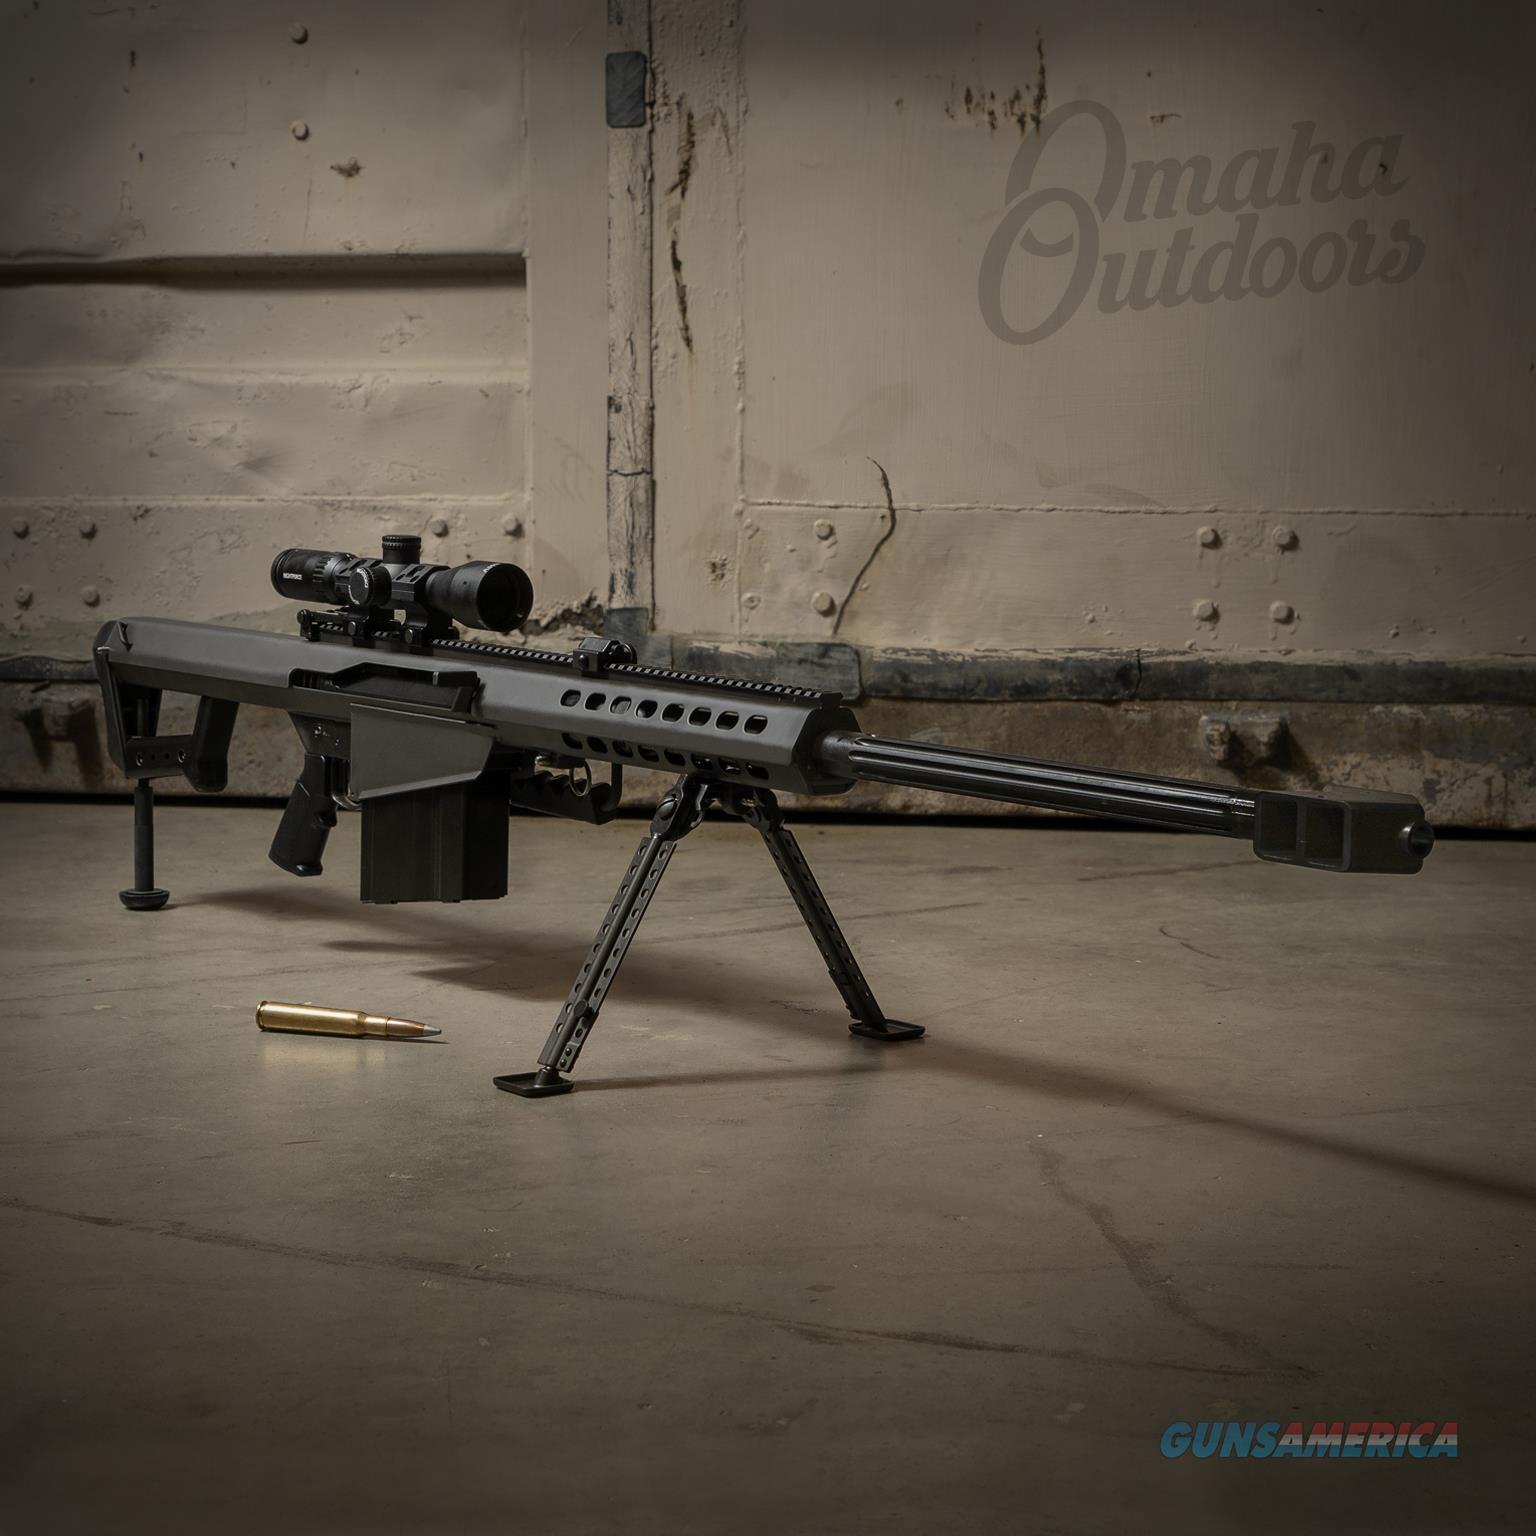 Barrett 82A1 50 BMG Nightforce 3-10x42 17291  Guns > Rifles > Barrett Rifles